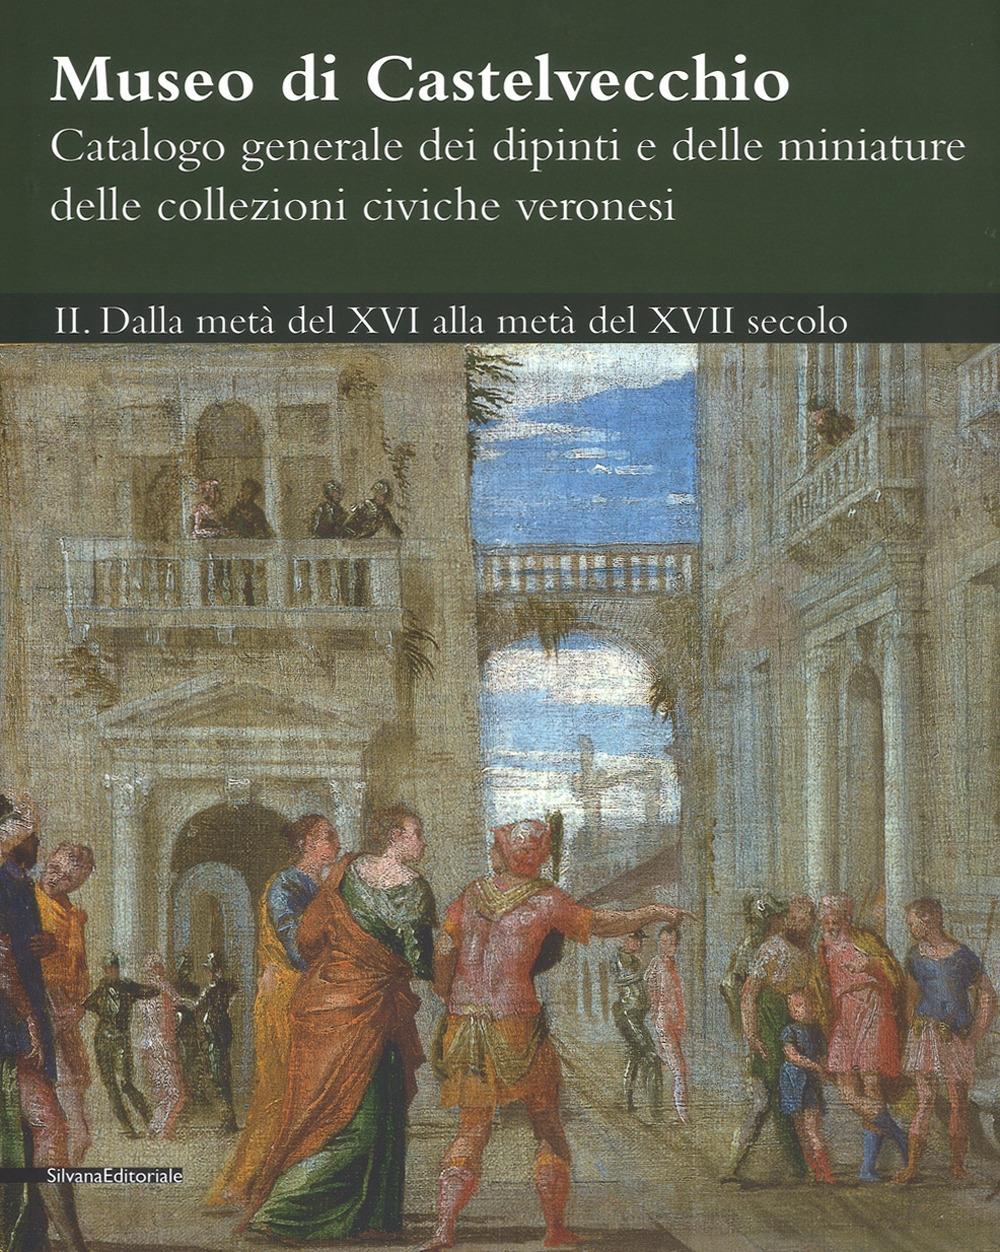 Museo di Castelvecchio. Catalogo generale dei dipinti e delle miniature delle collezioni civiche veronesi. II. Dalla metà del XVI alla metà del XVII secolo